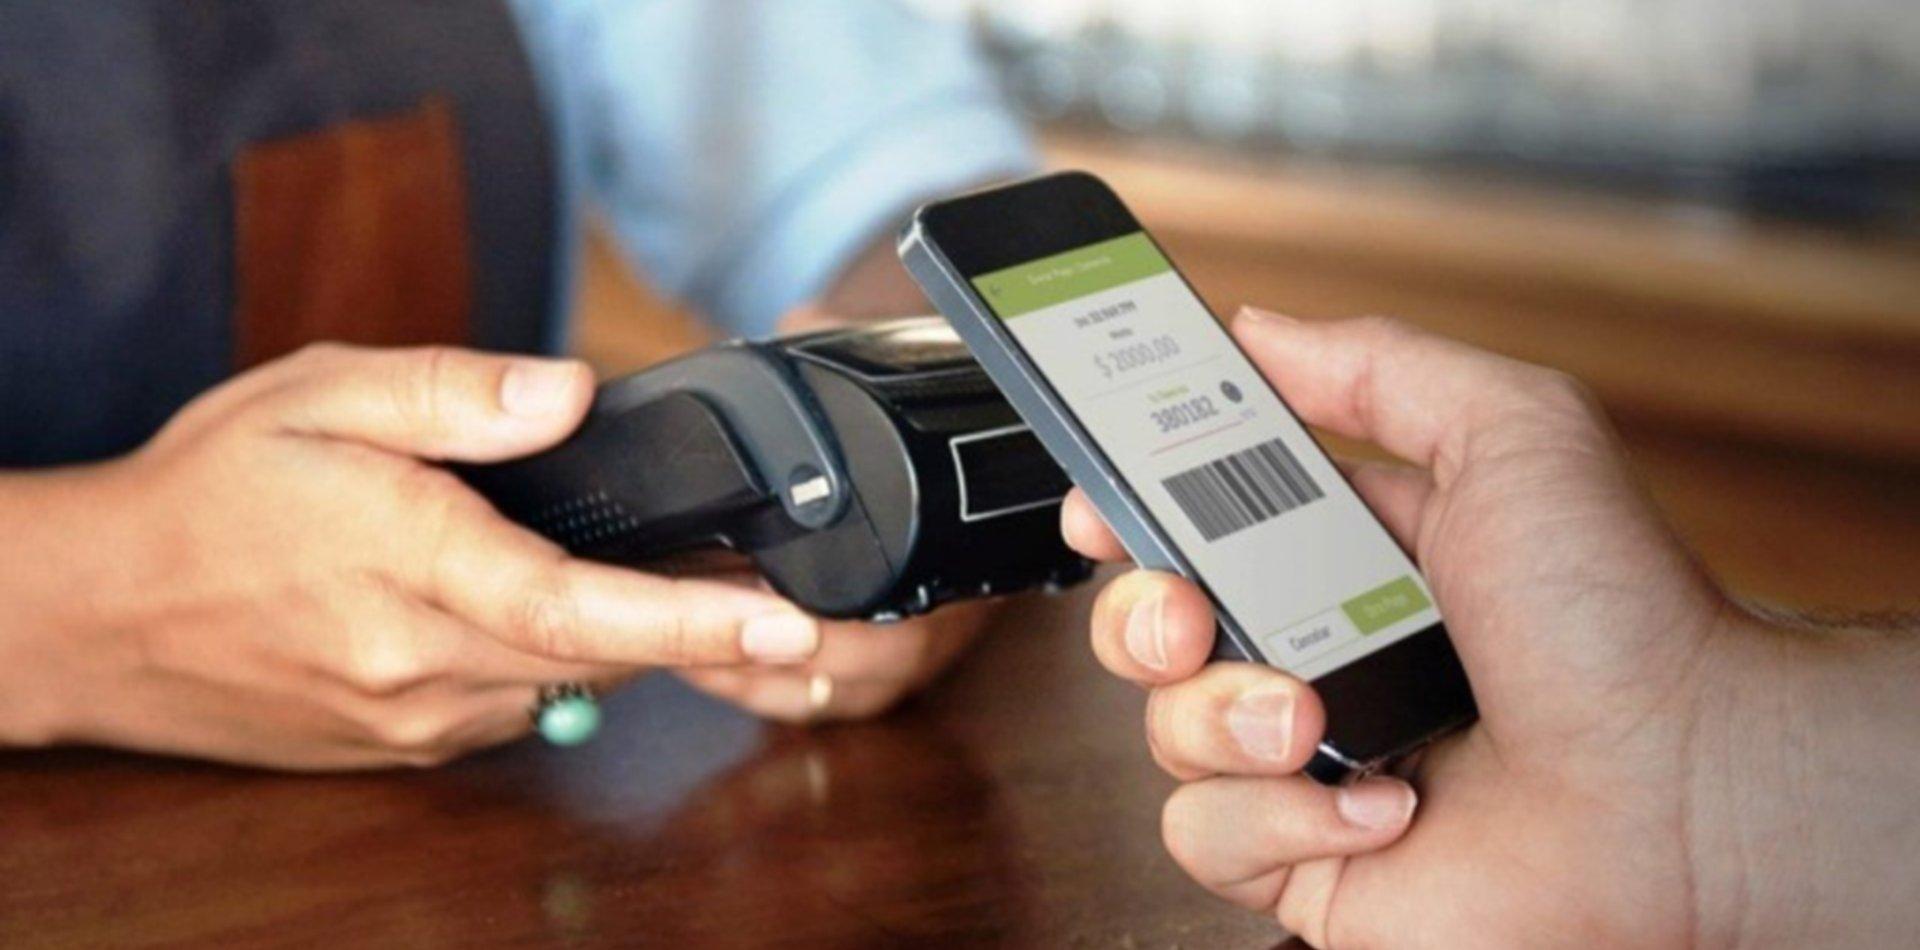 La AFIP pone la mira en las billeteras virtuales: ¿qué cambia para los usuarios?